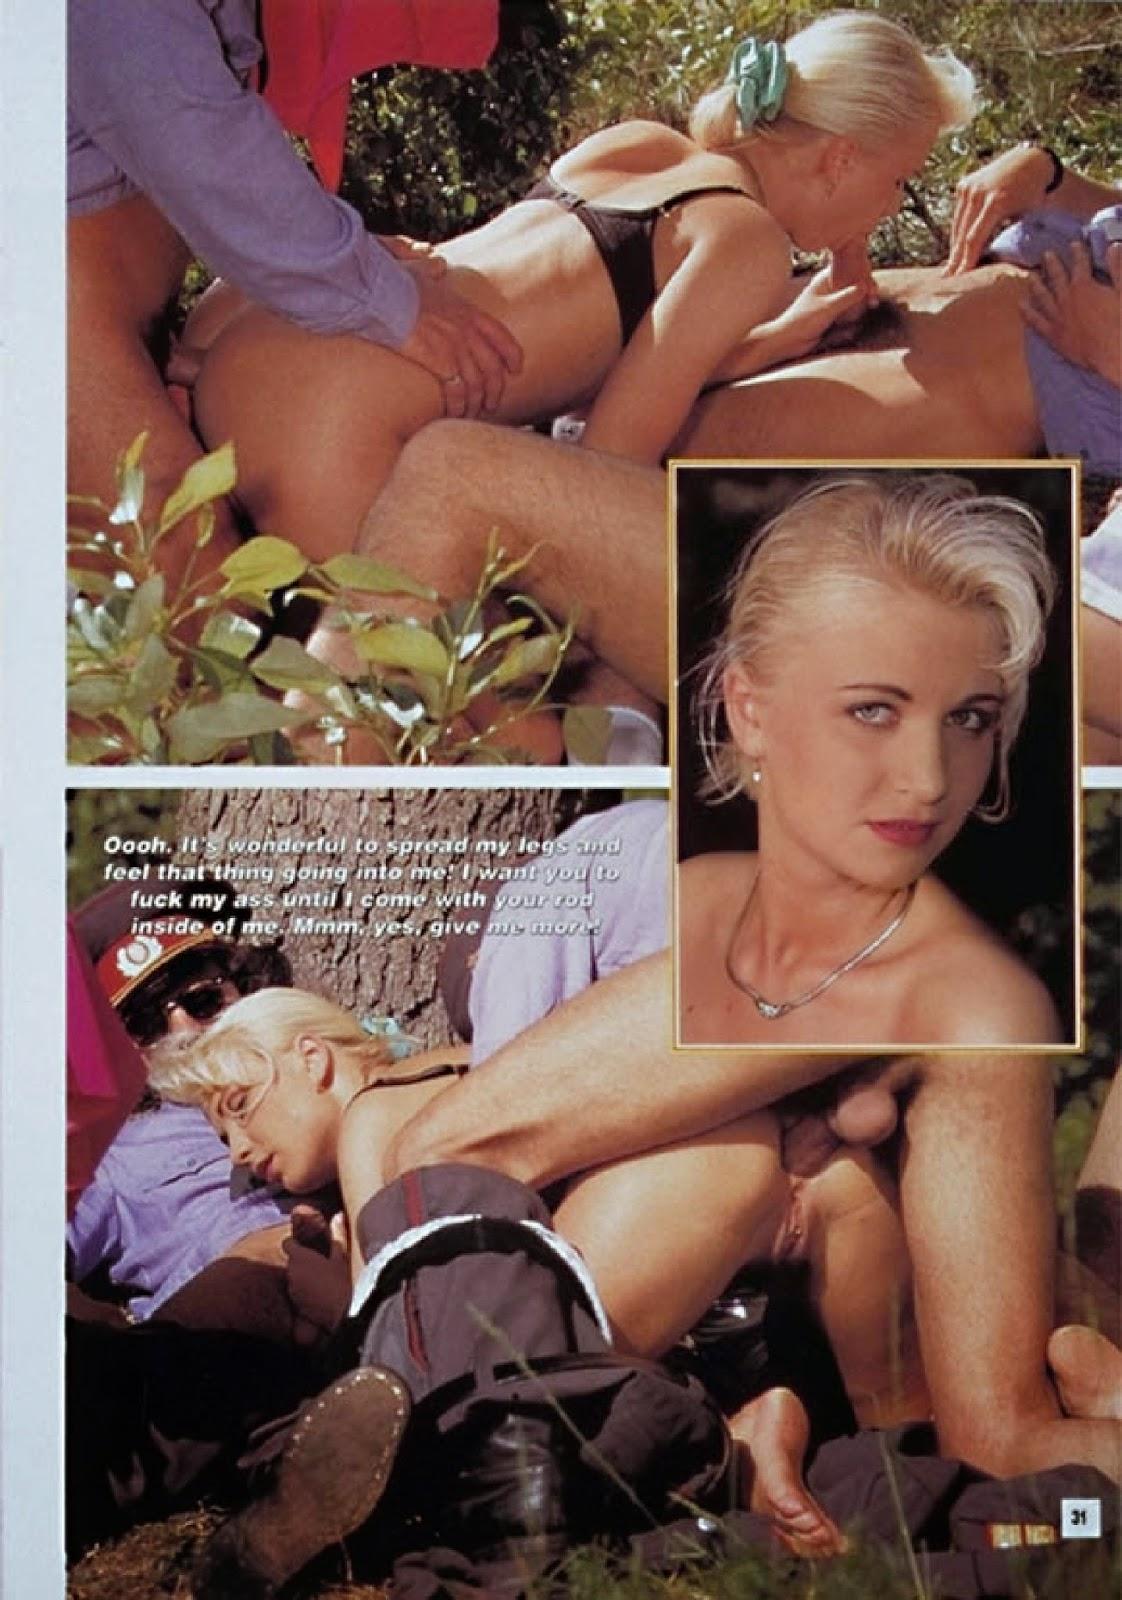 miss-rossiya-2006-porno-video